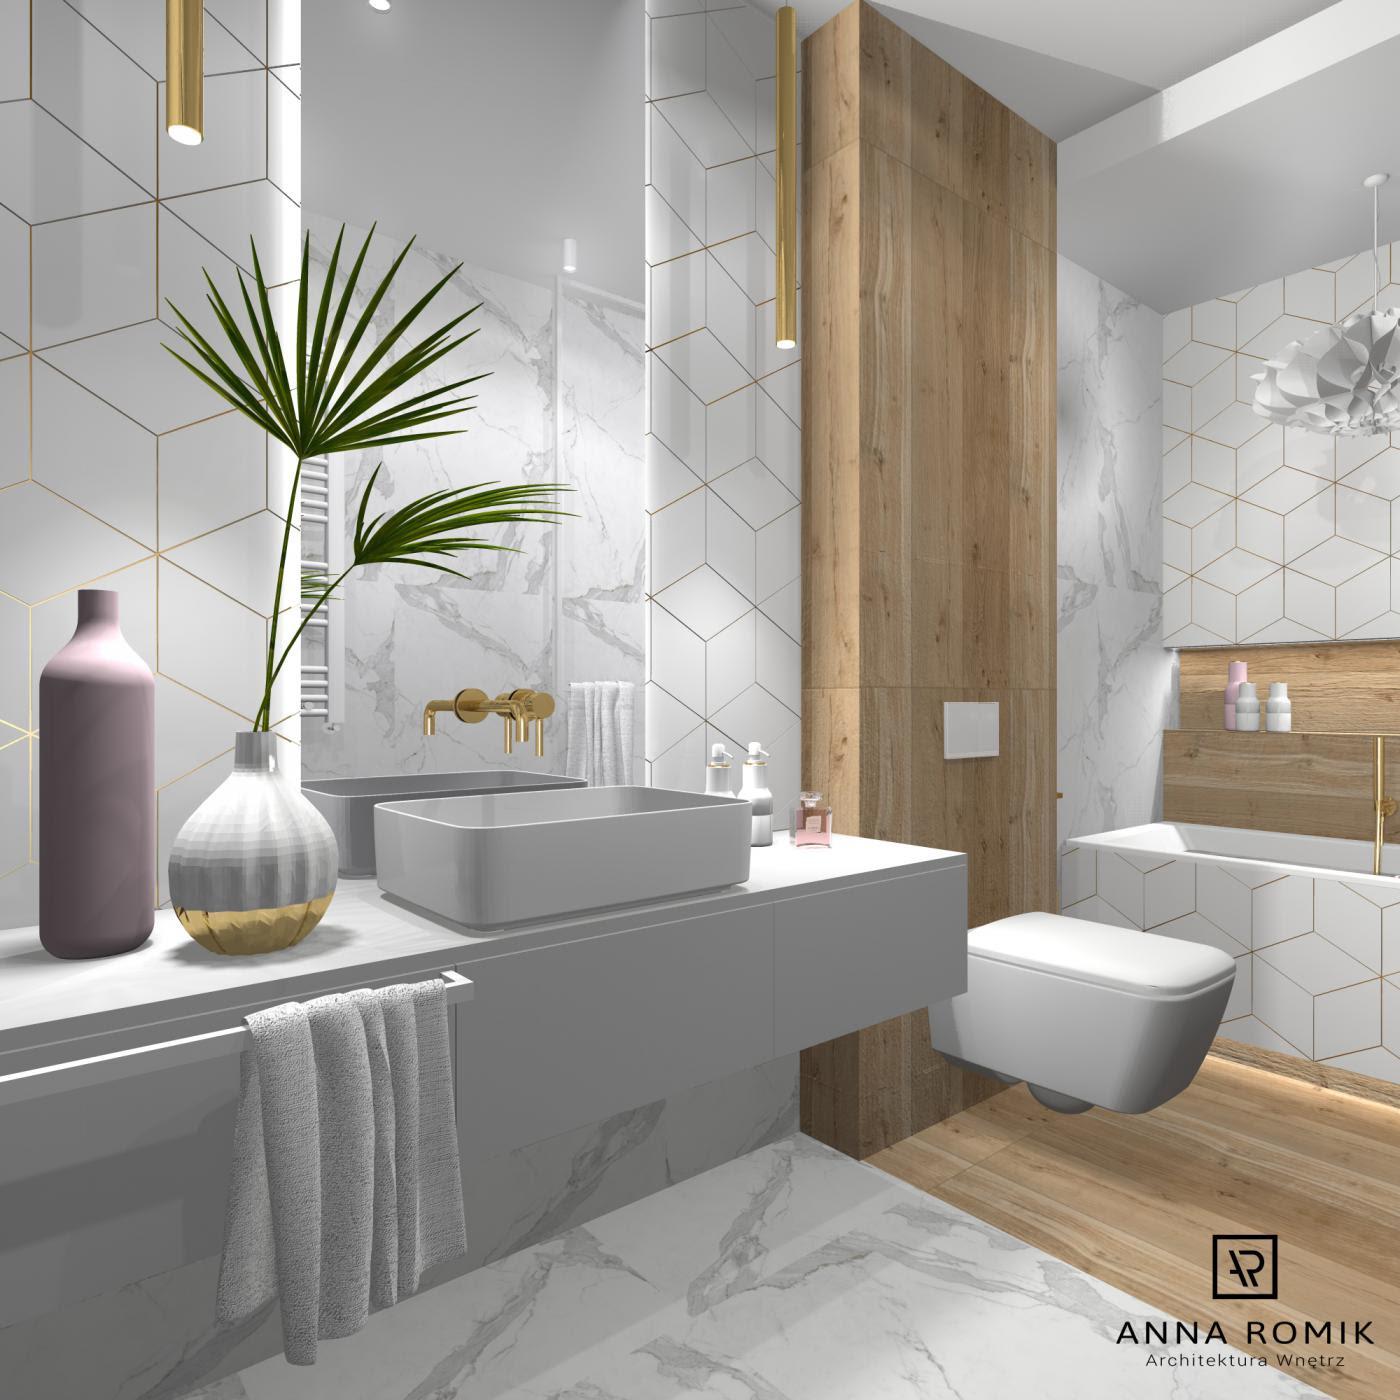 Łazienka Andrychów 7 m2